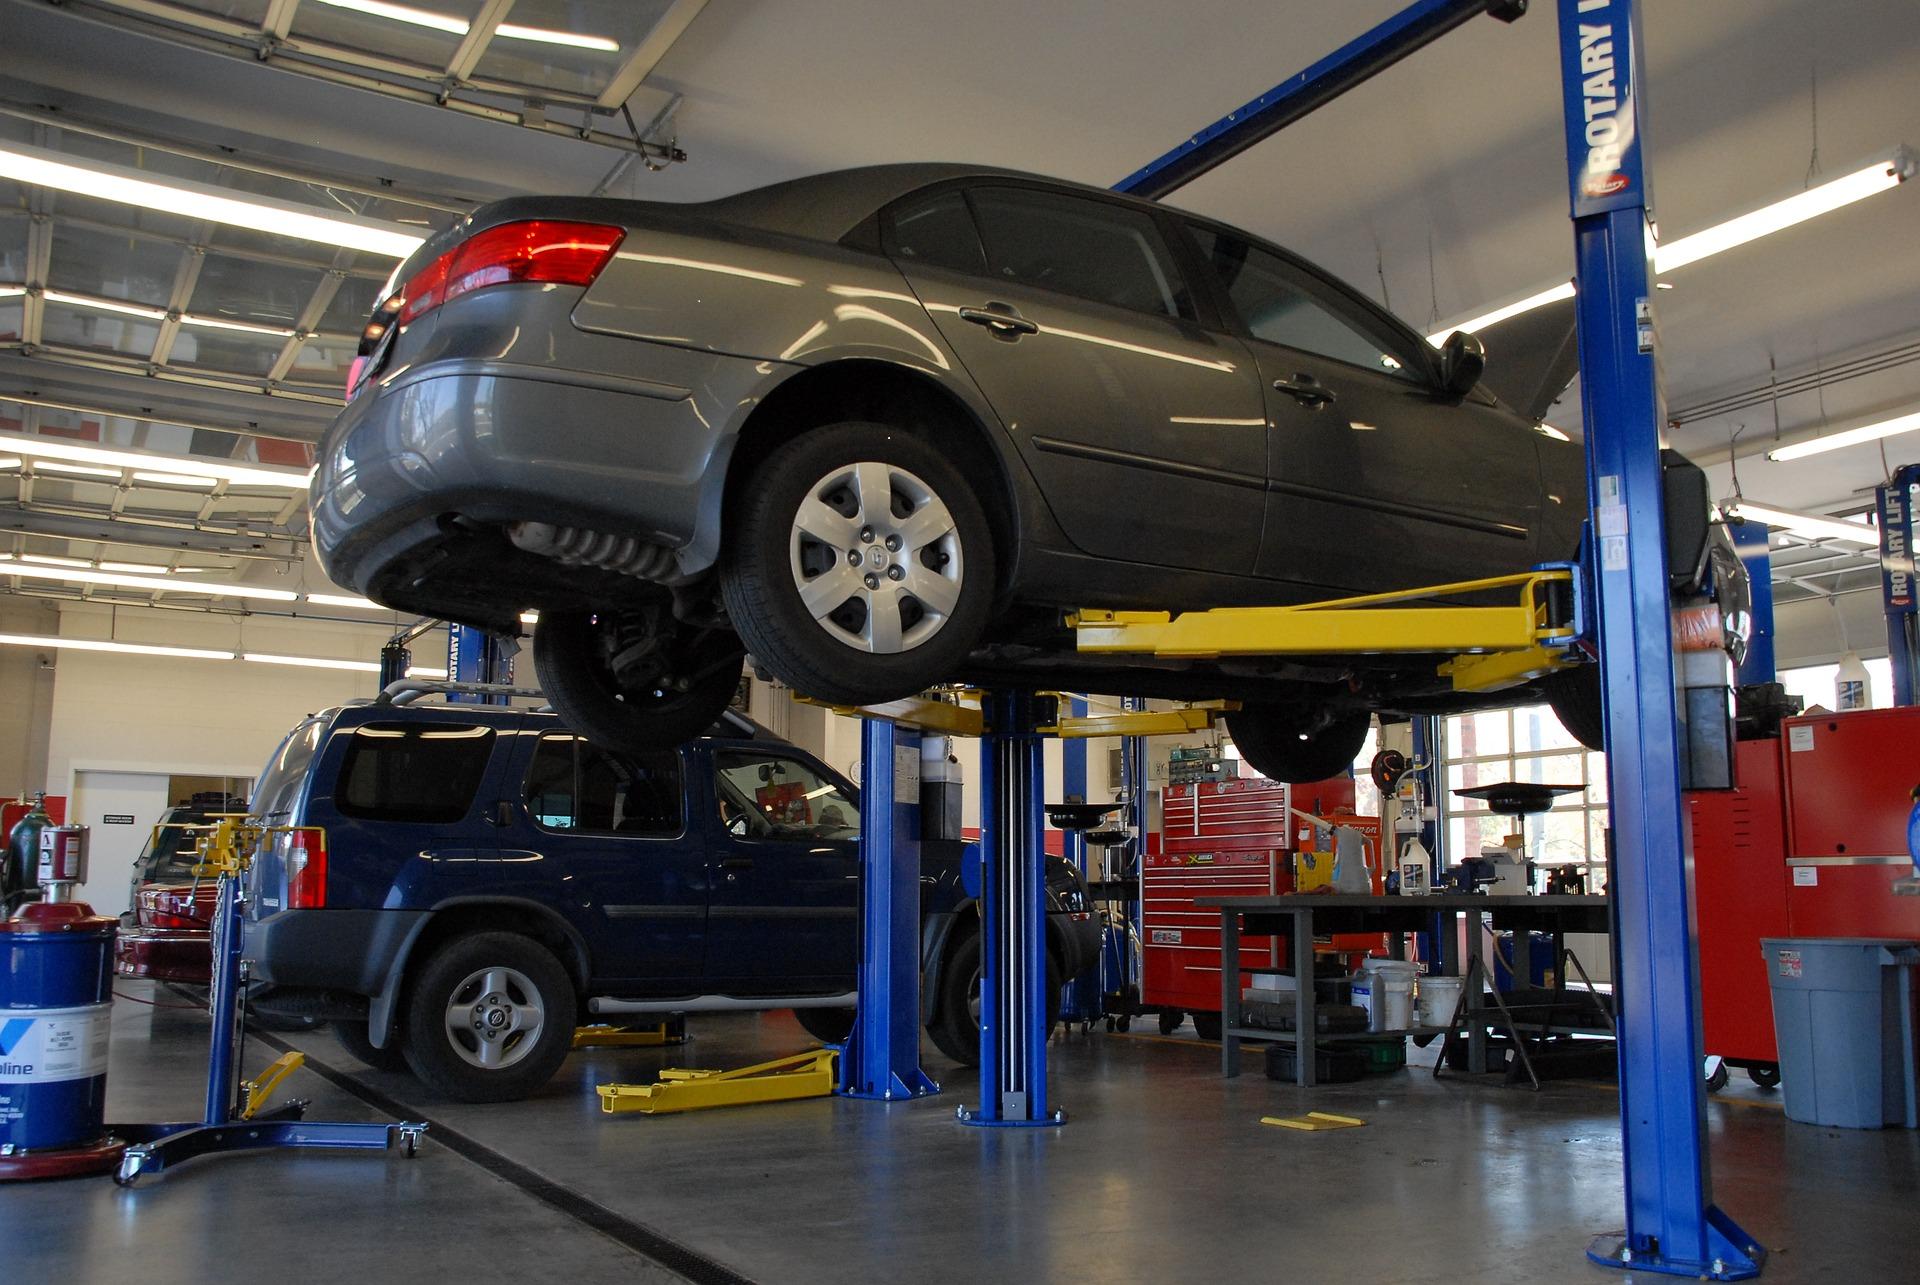 munkavédelmi kockázatelemzés autószerelő